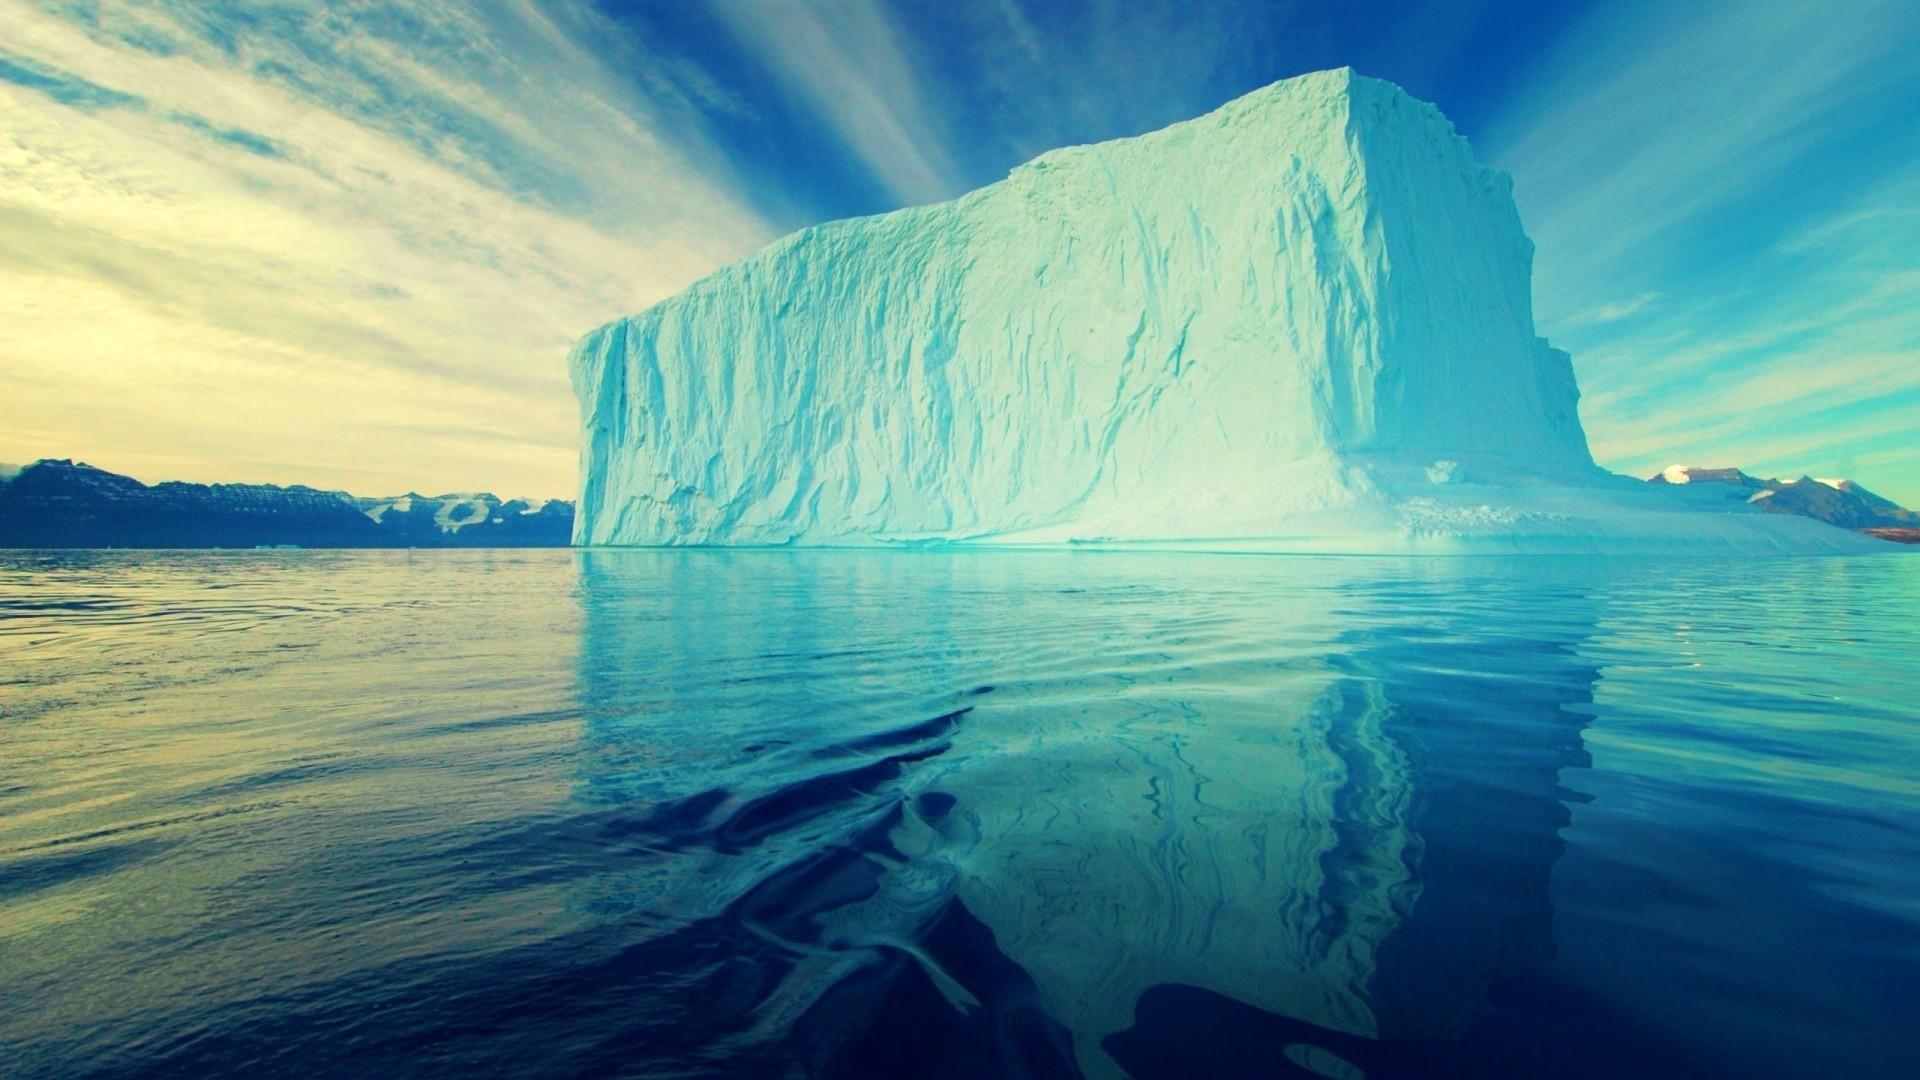 Iceberg Image